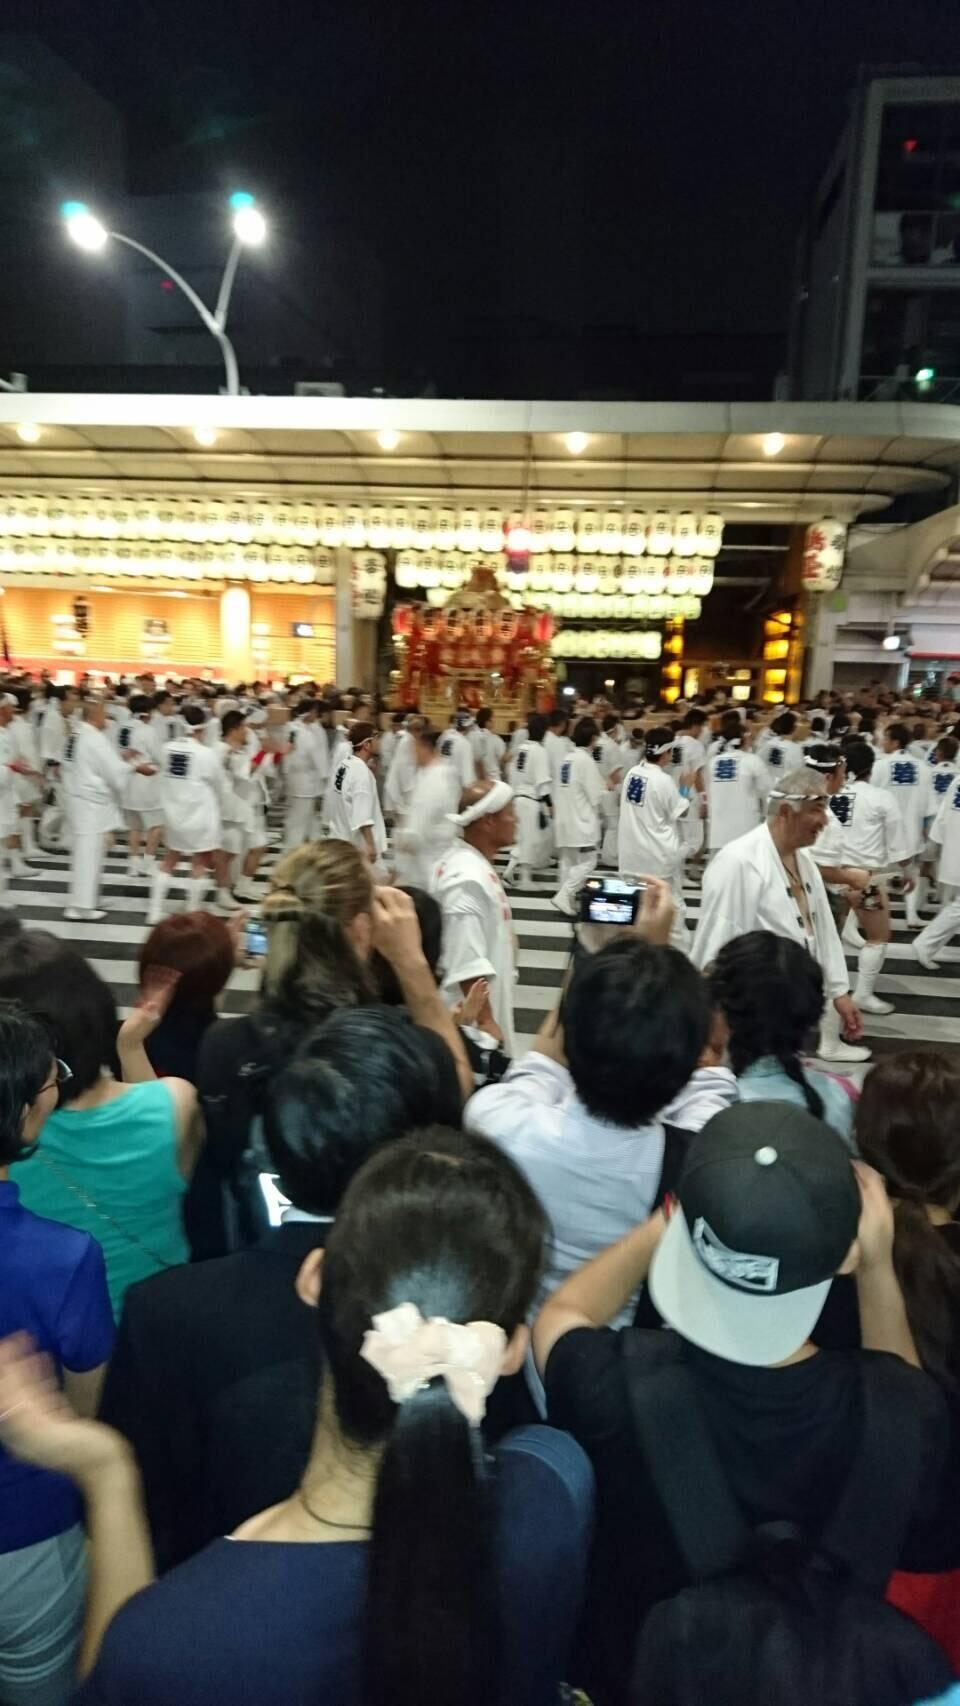 祇園祭り。まだまだ続きます_a0116350_15324902.jpeg